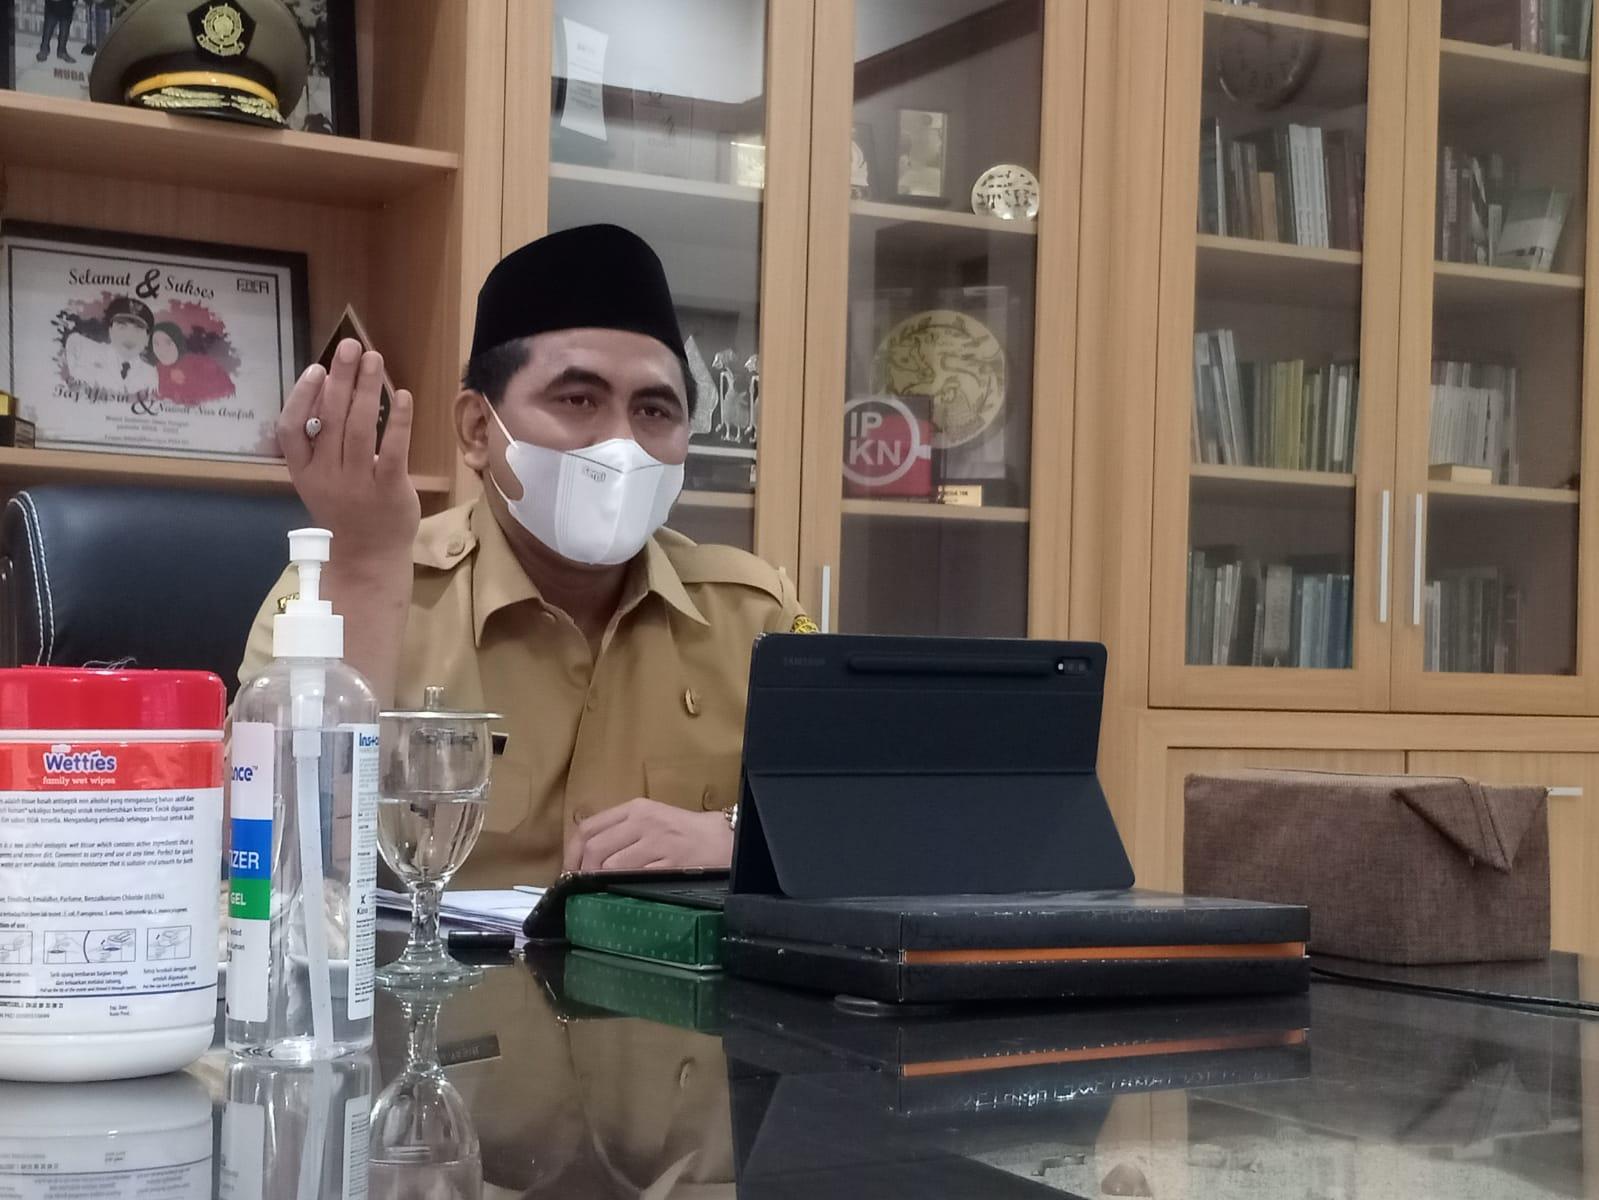 Wagub Jateng, Taj Yasin Maimoen, saat mengikuti rapat penanggulangan Covid-19 secara virtual, di Rumah Dinasnya, Senin (23/8/2021) FOTO : Rezanda Akbar D/Lingkar.co